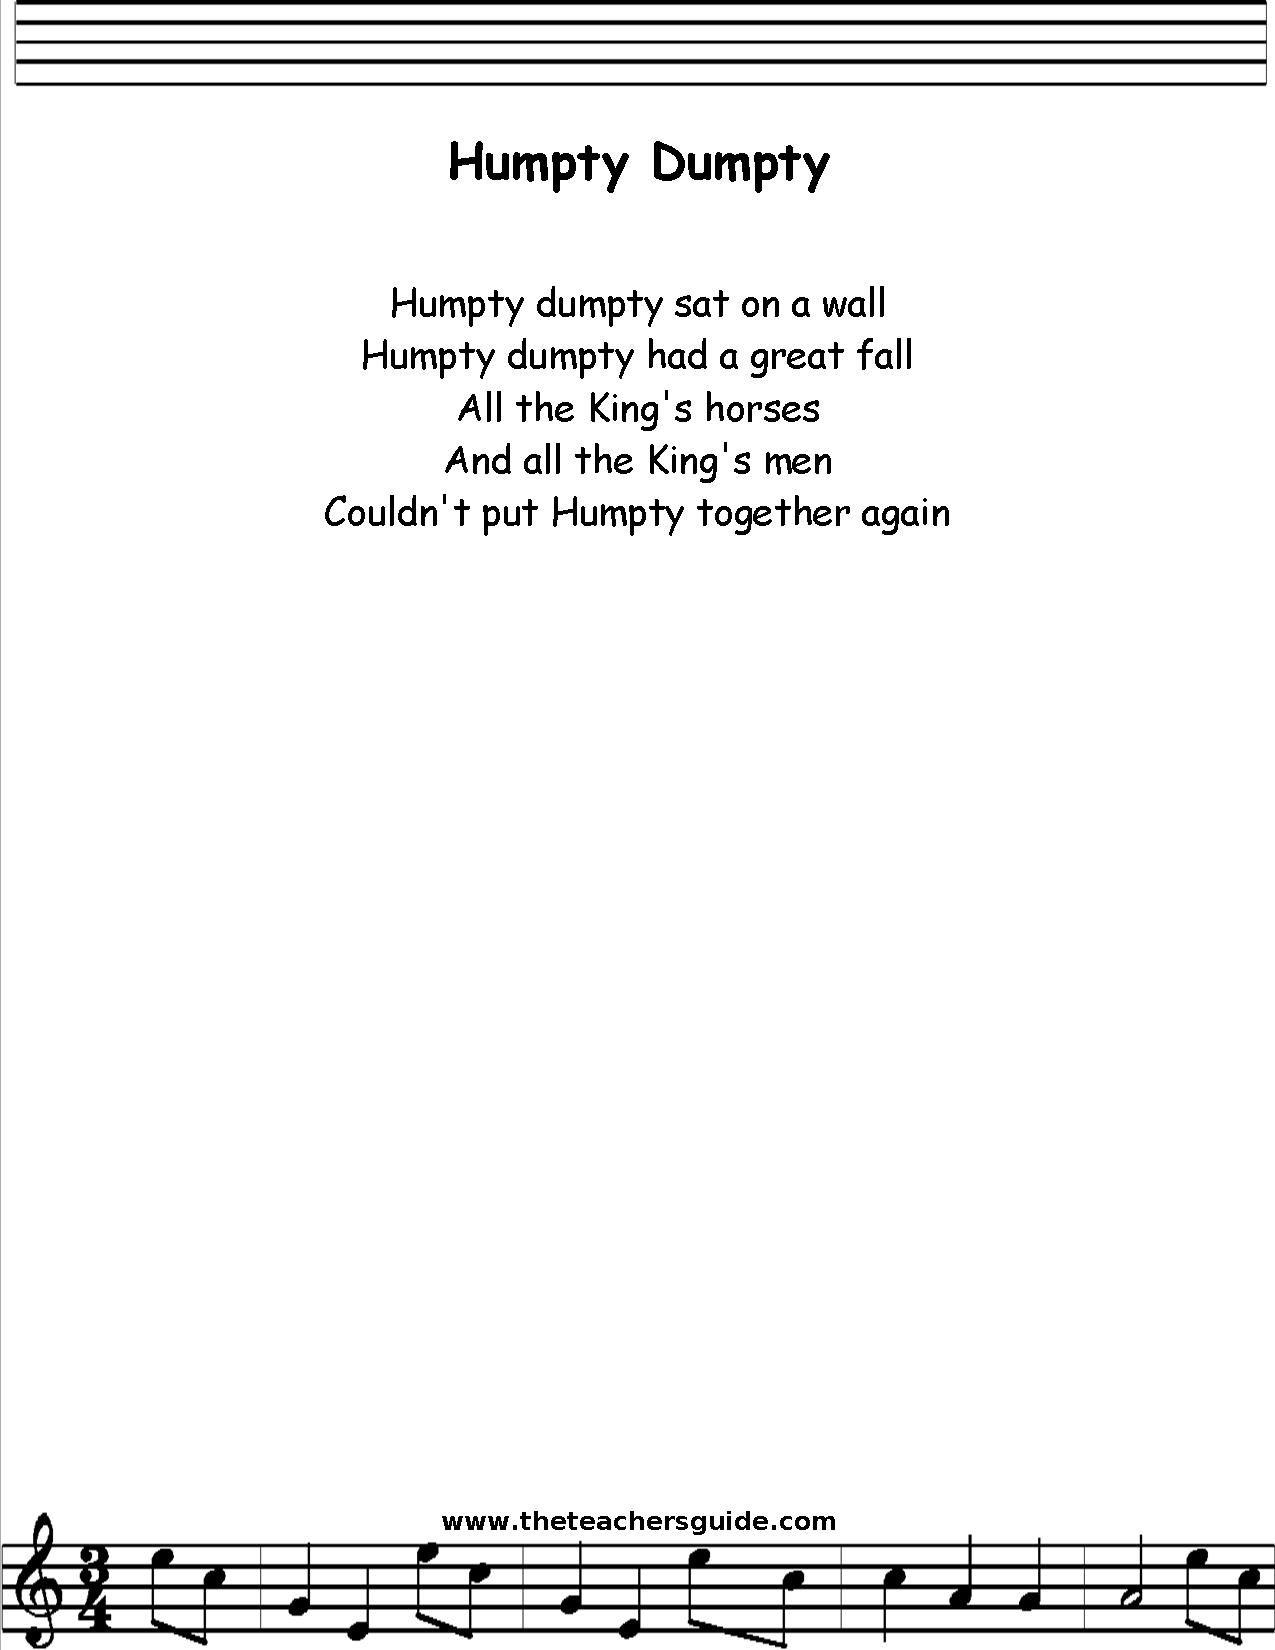 Humpty Dumpty Lyrics Printout